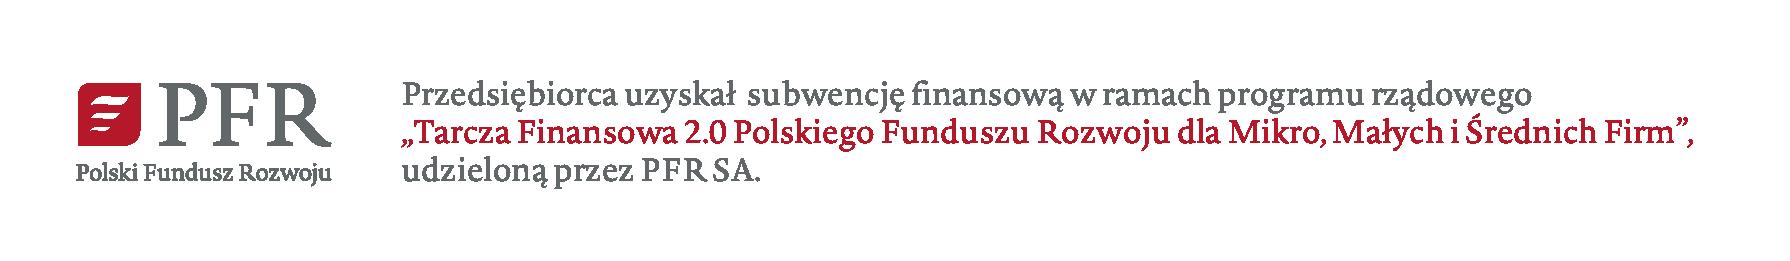 Krakowiak Iwonicz